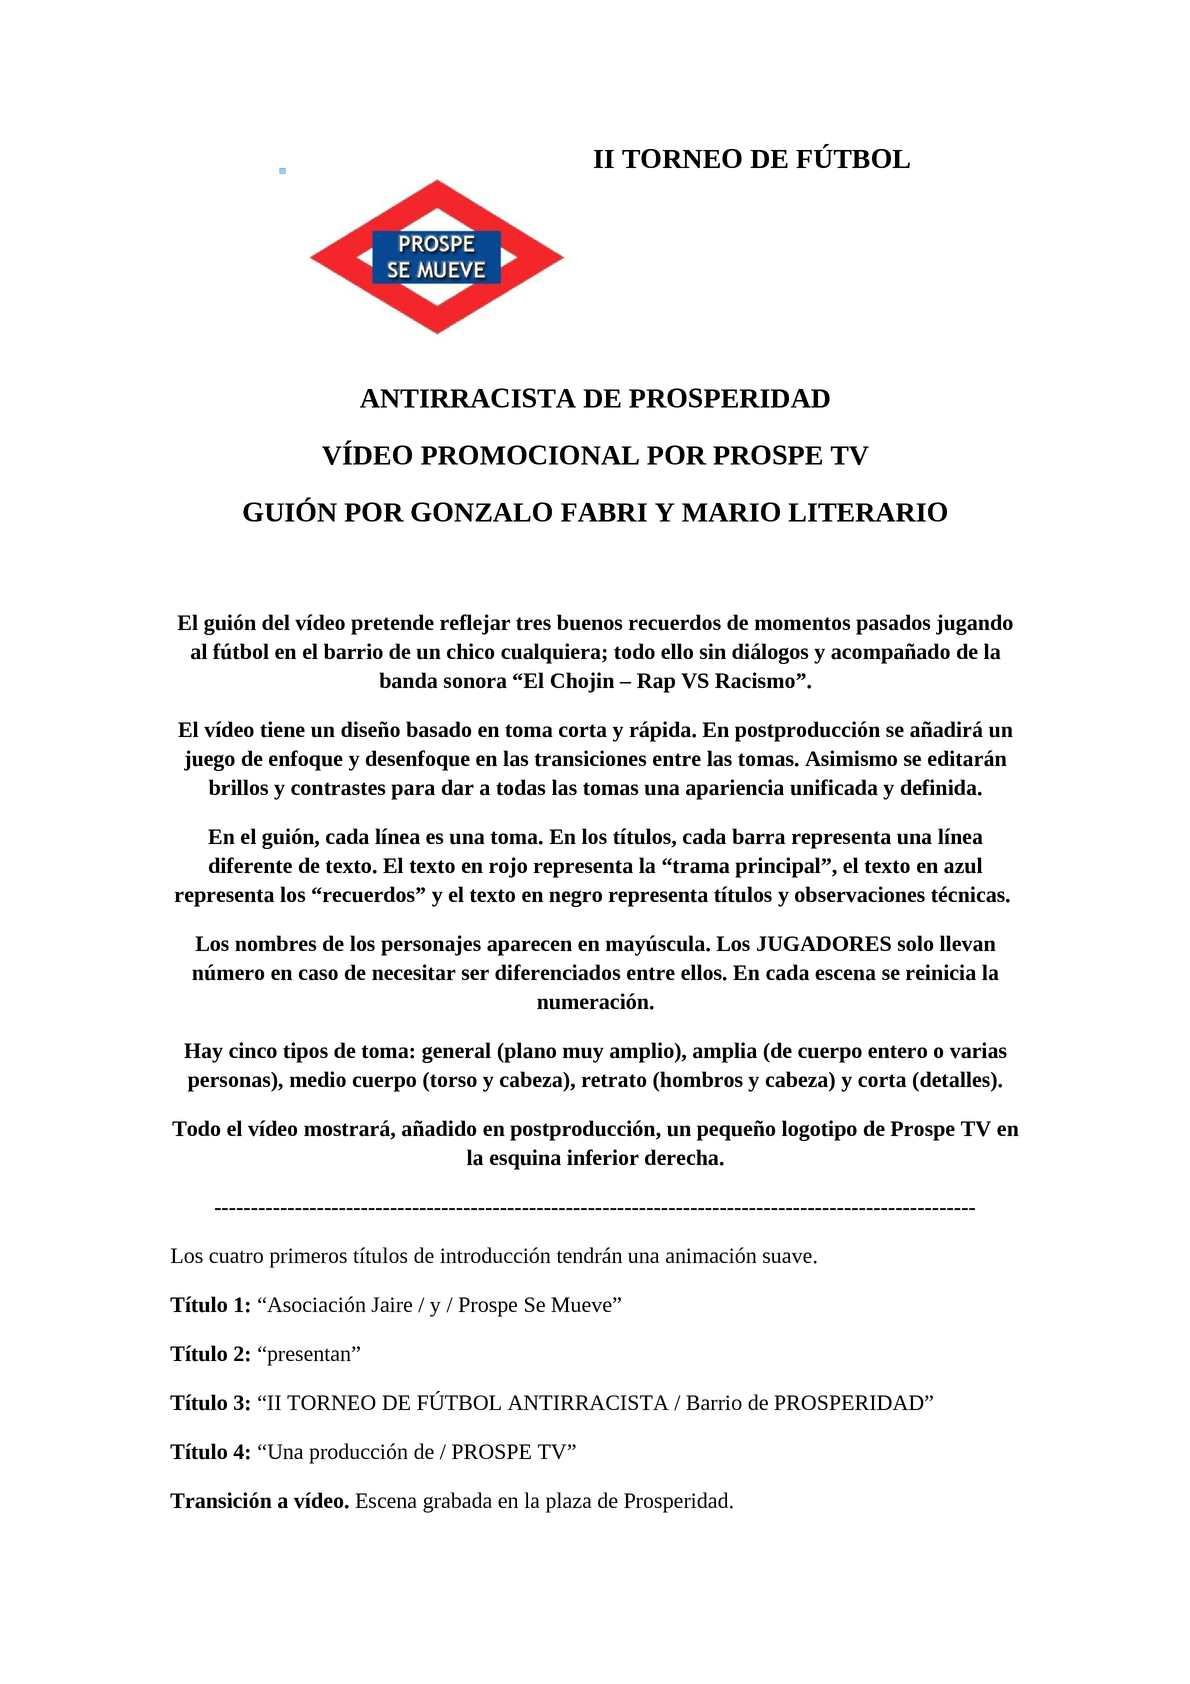 Calaméo - Guión del vídeo promocional del II Torneo de Fútbol ...